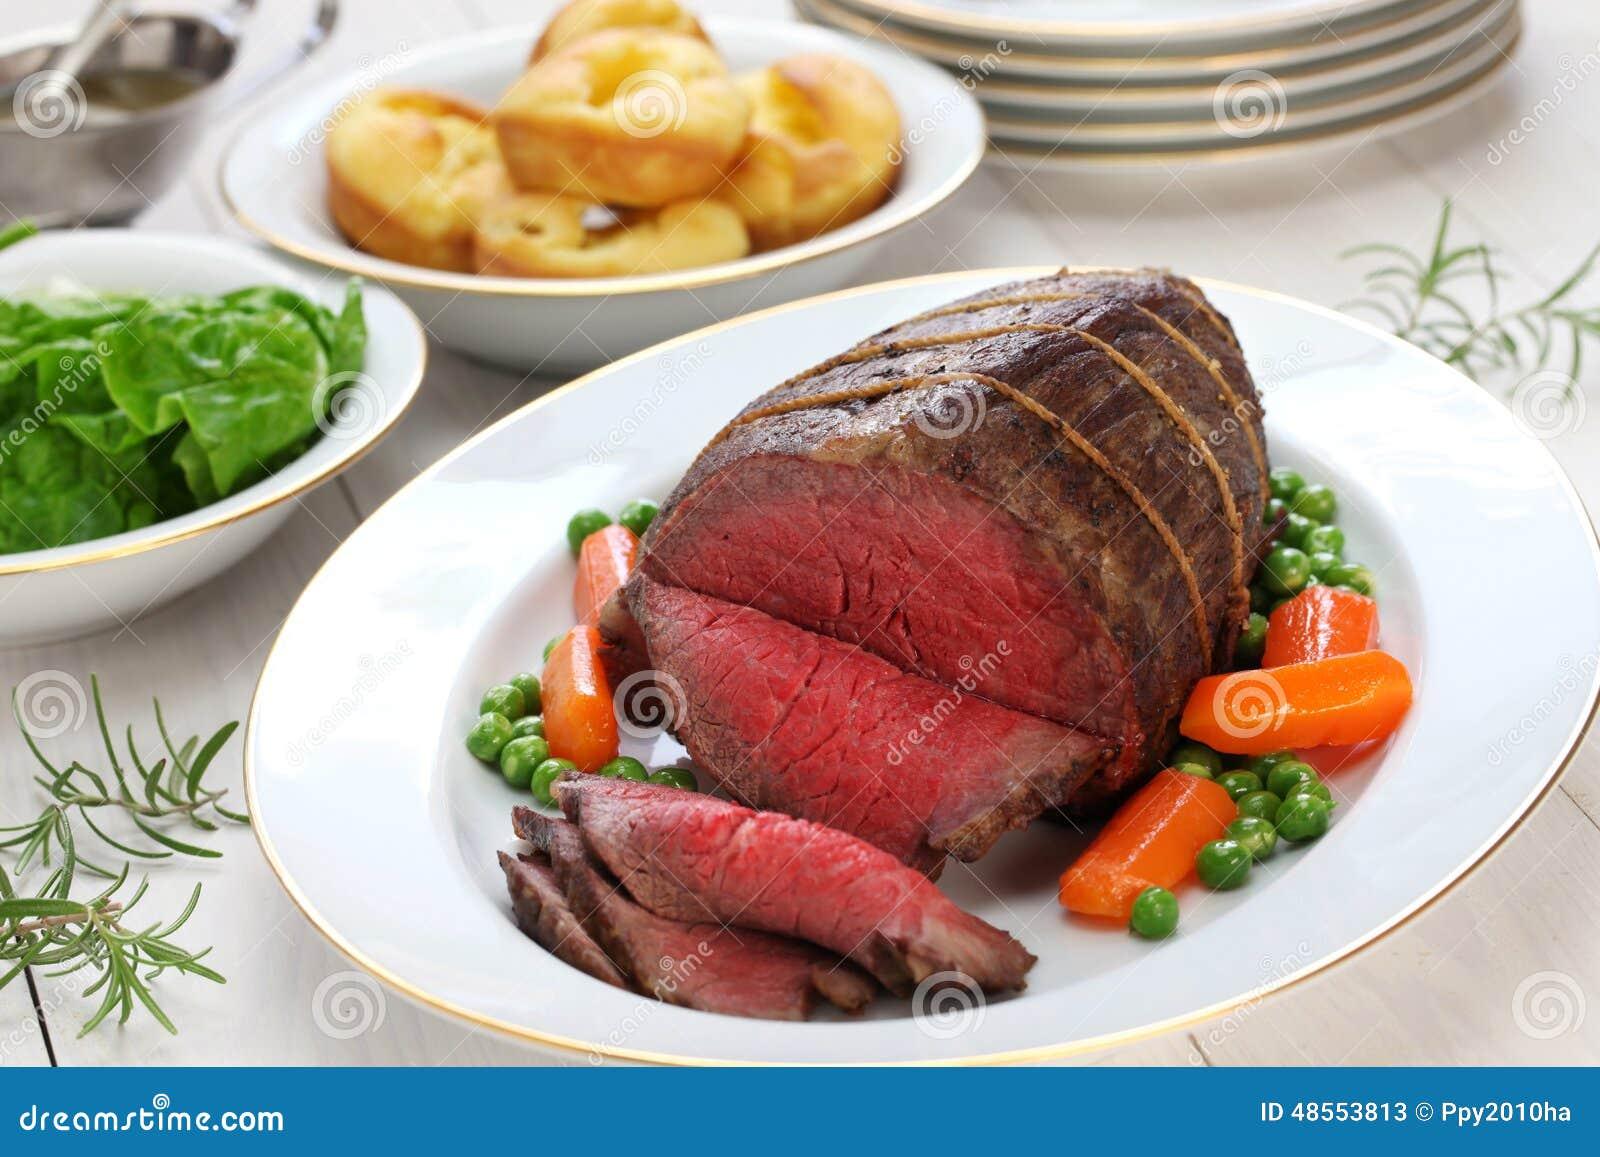 烤牛肉用约克夏布丁